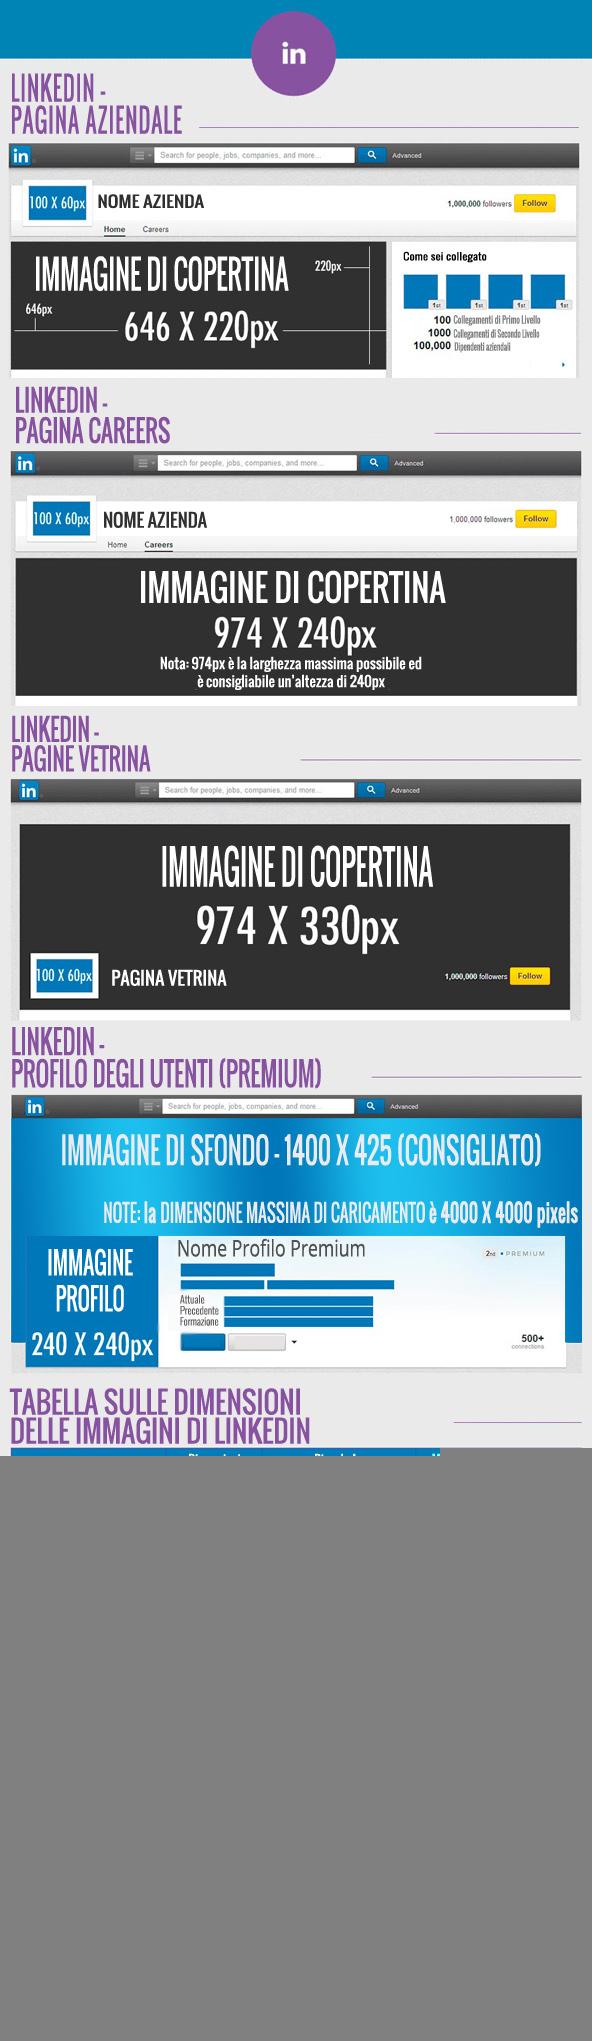 dimensioni_immagini_Linkedin